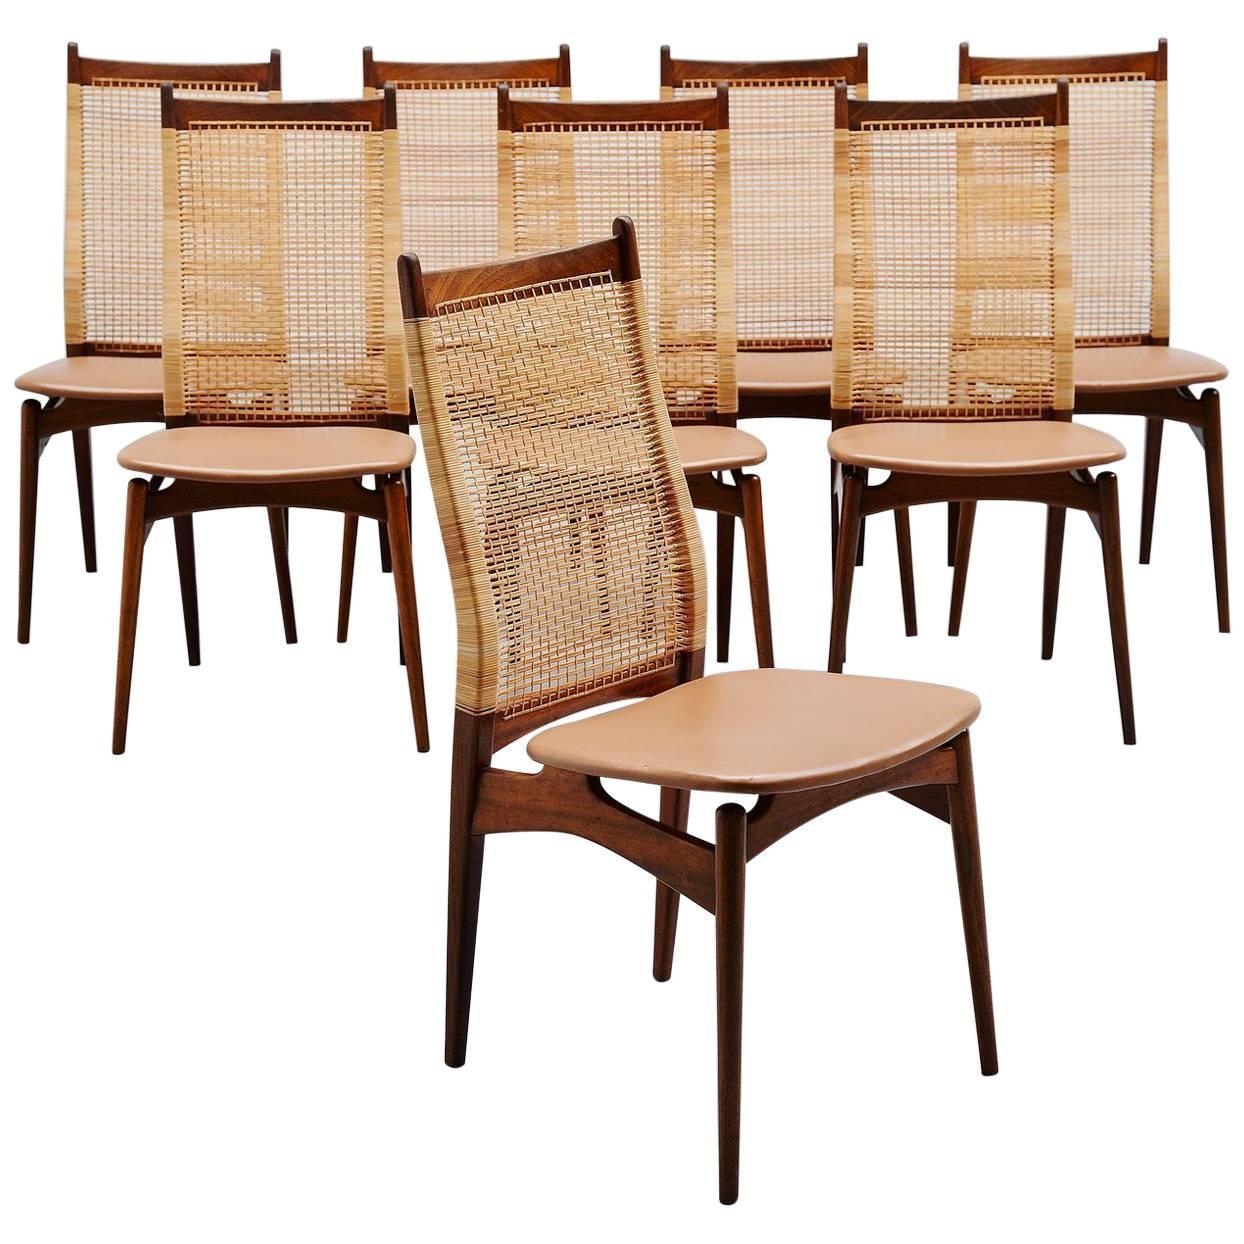 Jos De Mey Dining Chairs Van Den Berghe Pauvers, Belgium, 1957 at 1stdibs - Jos De Mey Dining Chairs Van Den Berghe Pauvers, Belgium, 1957 At